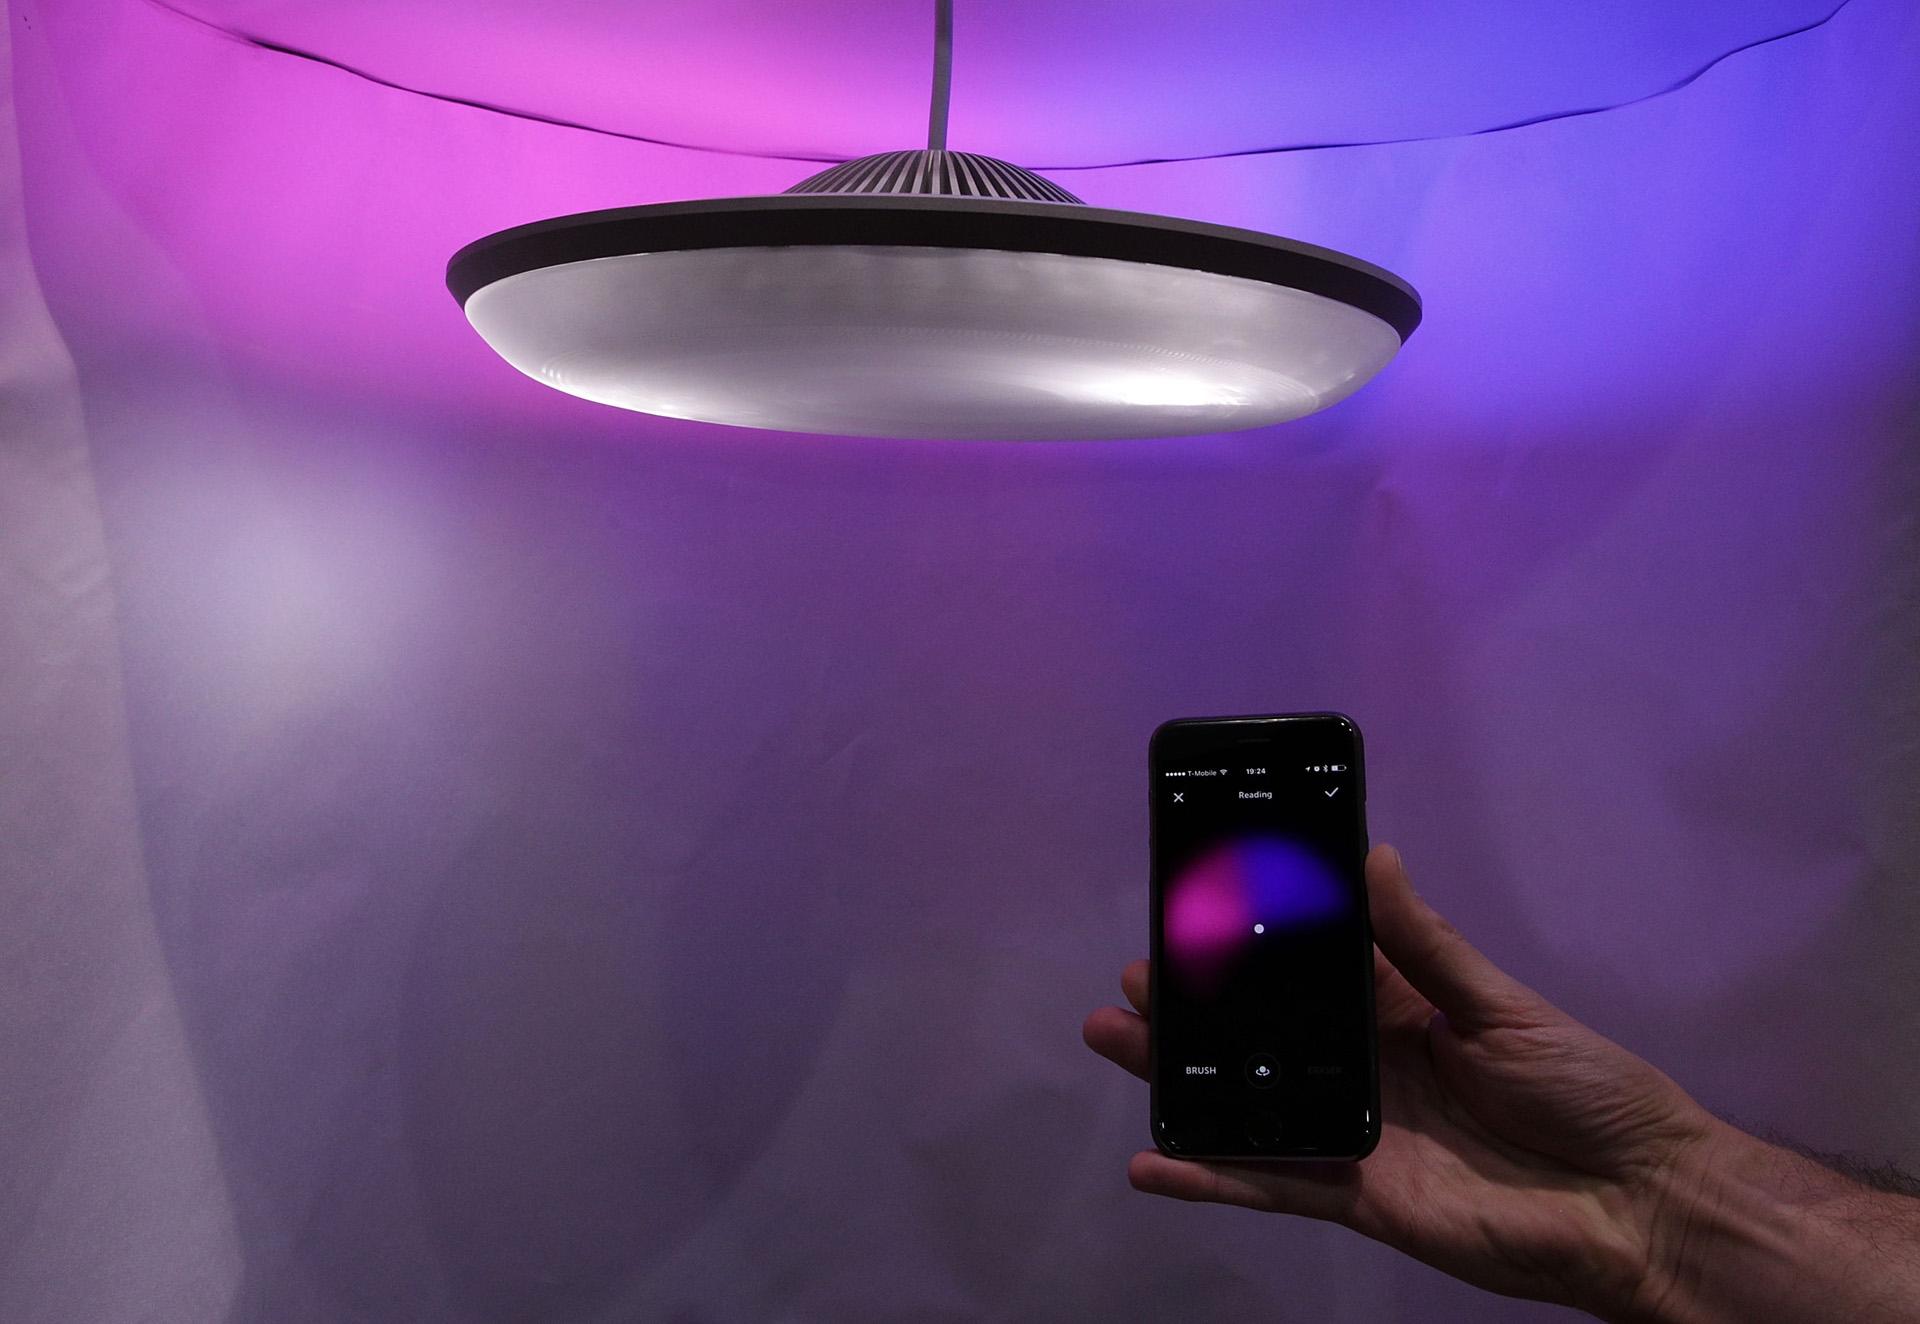 Una lámpara inteligente, creada por la compañía Luke Roberts, que proyecta diferentes juegos de luces según el gusto del usuario (Alex Wong/Getty Images/AFP)